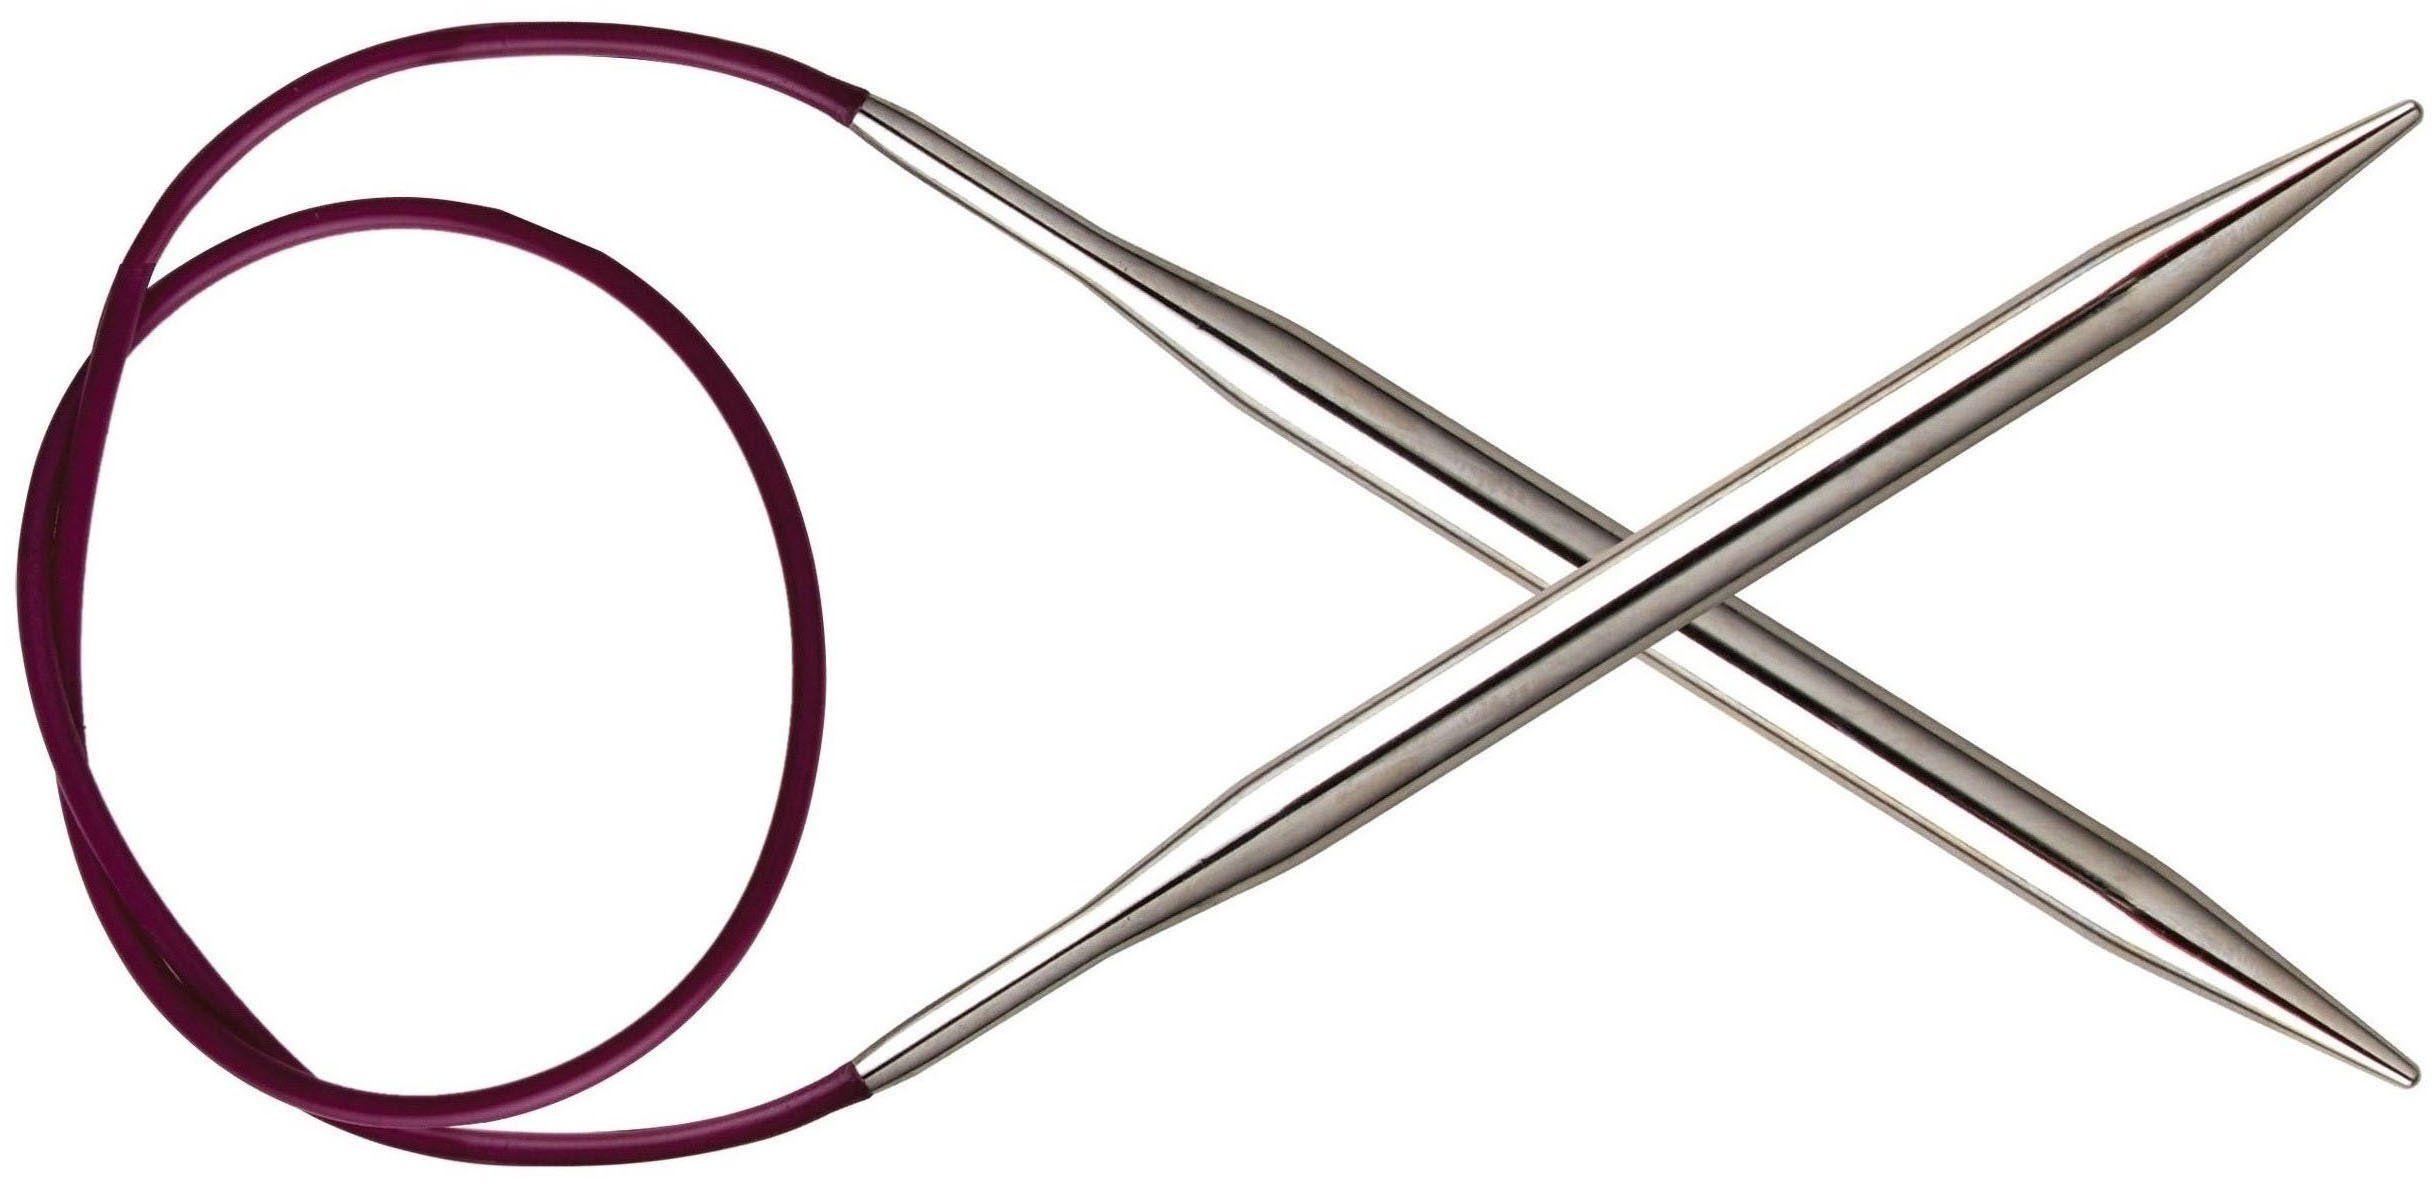 KnitPro Nova Metal: Szpilki dziewiarskie: Okrągły: Stały: 25 cm x 3,00 mm, galwanicznie pusty mosiądz, srebrny, 25 x 0,3 x 0,3 cm